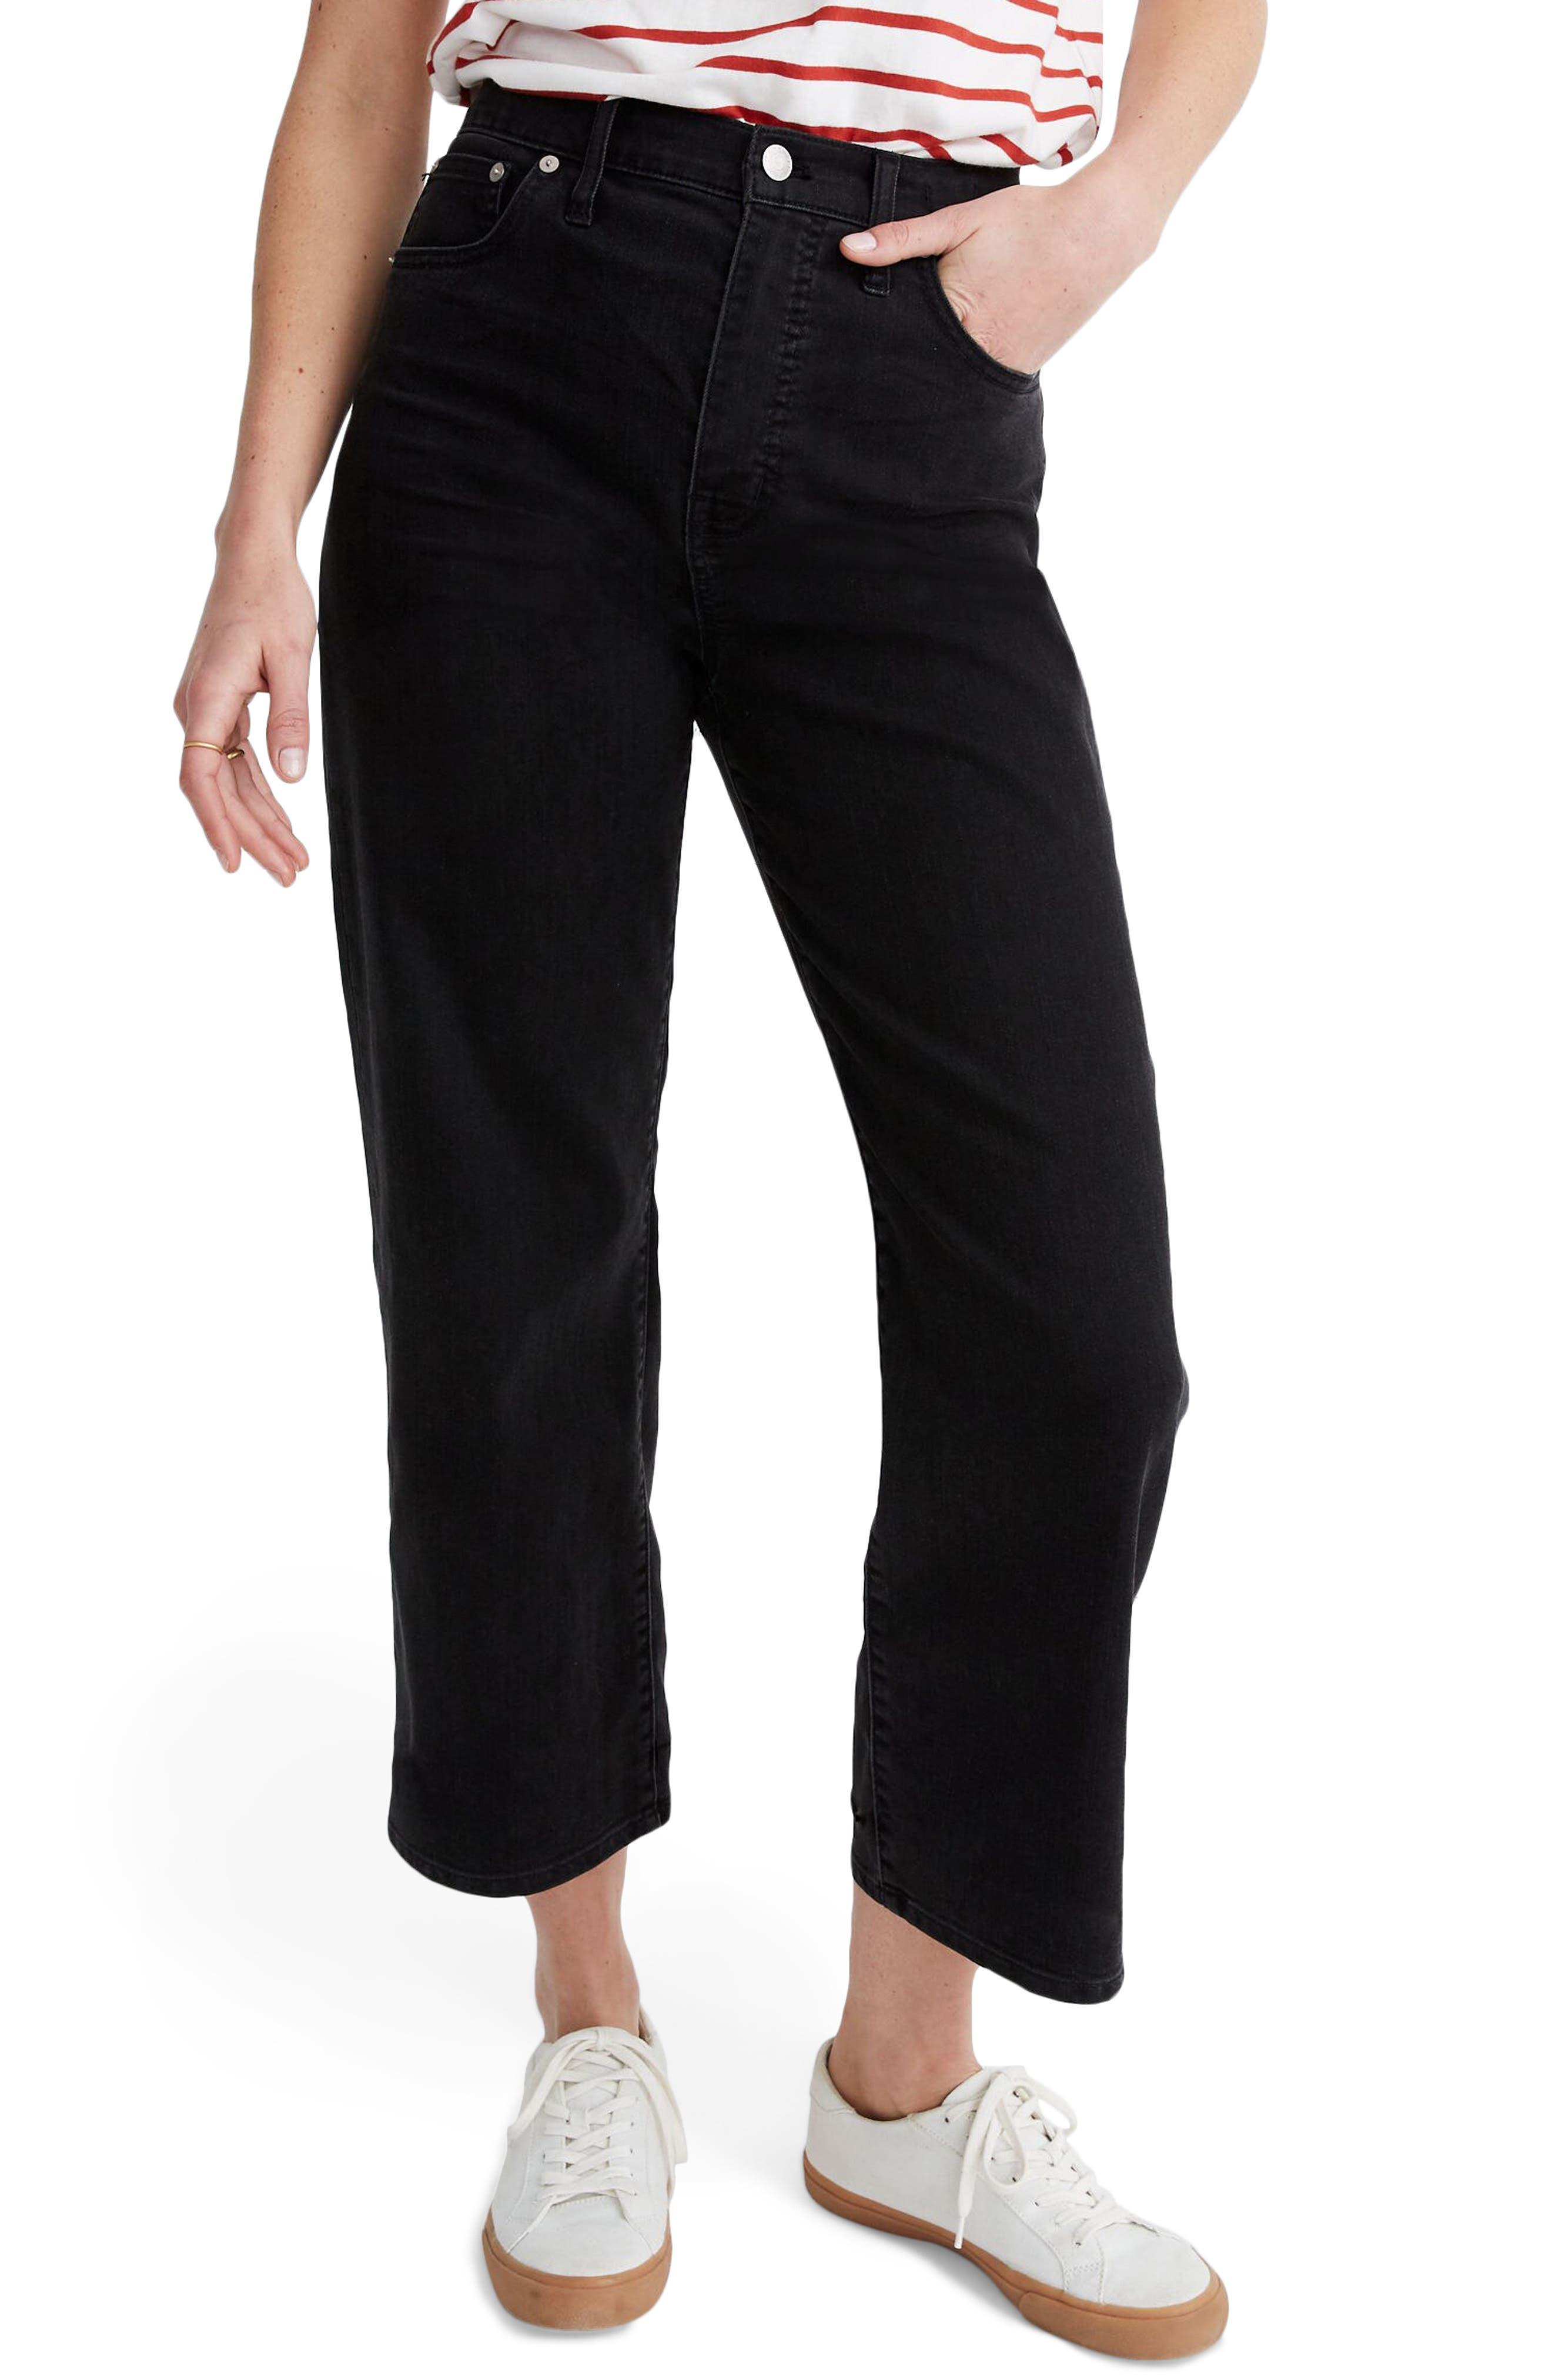 Madewell Slim Fit Wide Leg Jeans (Lunar Wash) | Nordstrom